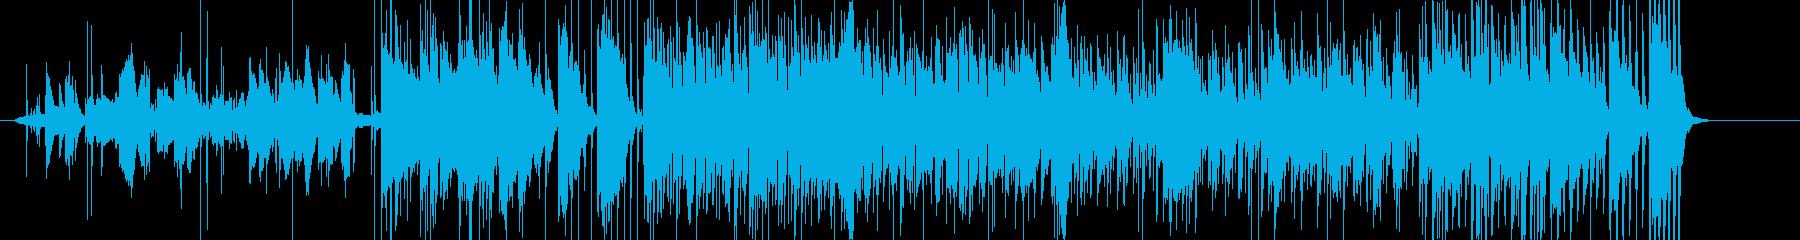 浮遊感のあるエモーショナルエレクトロニカの再生済みの波形